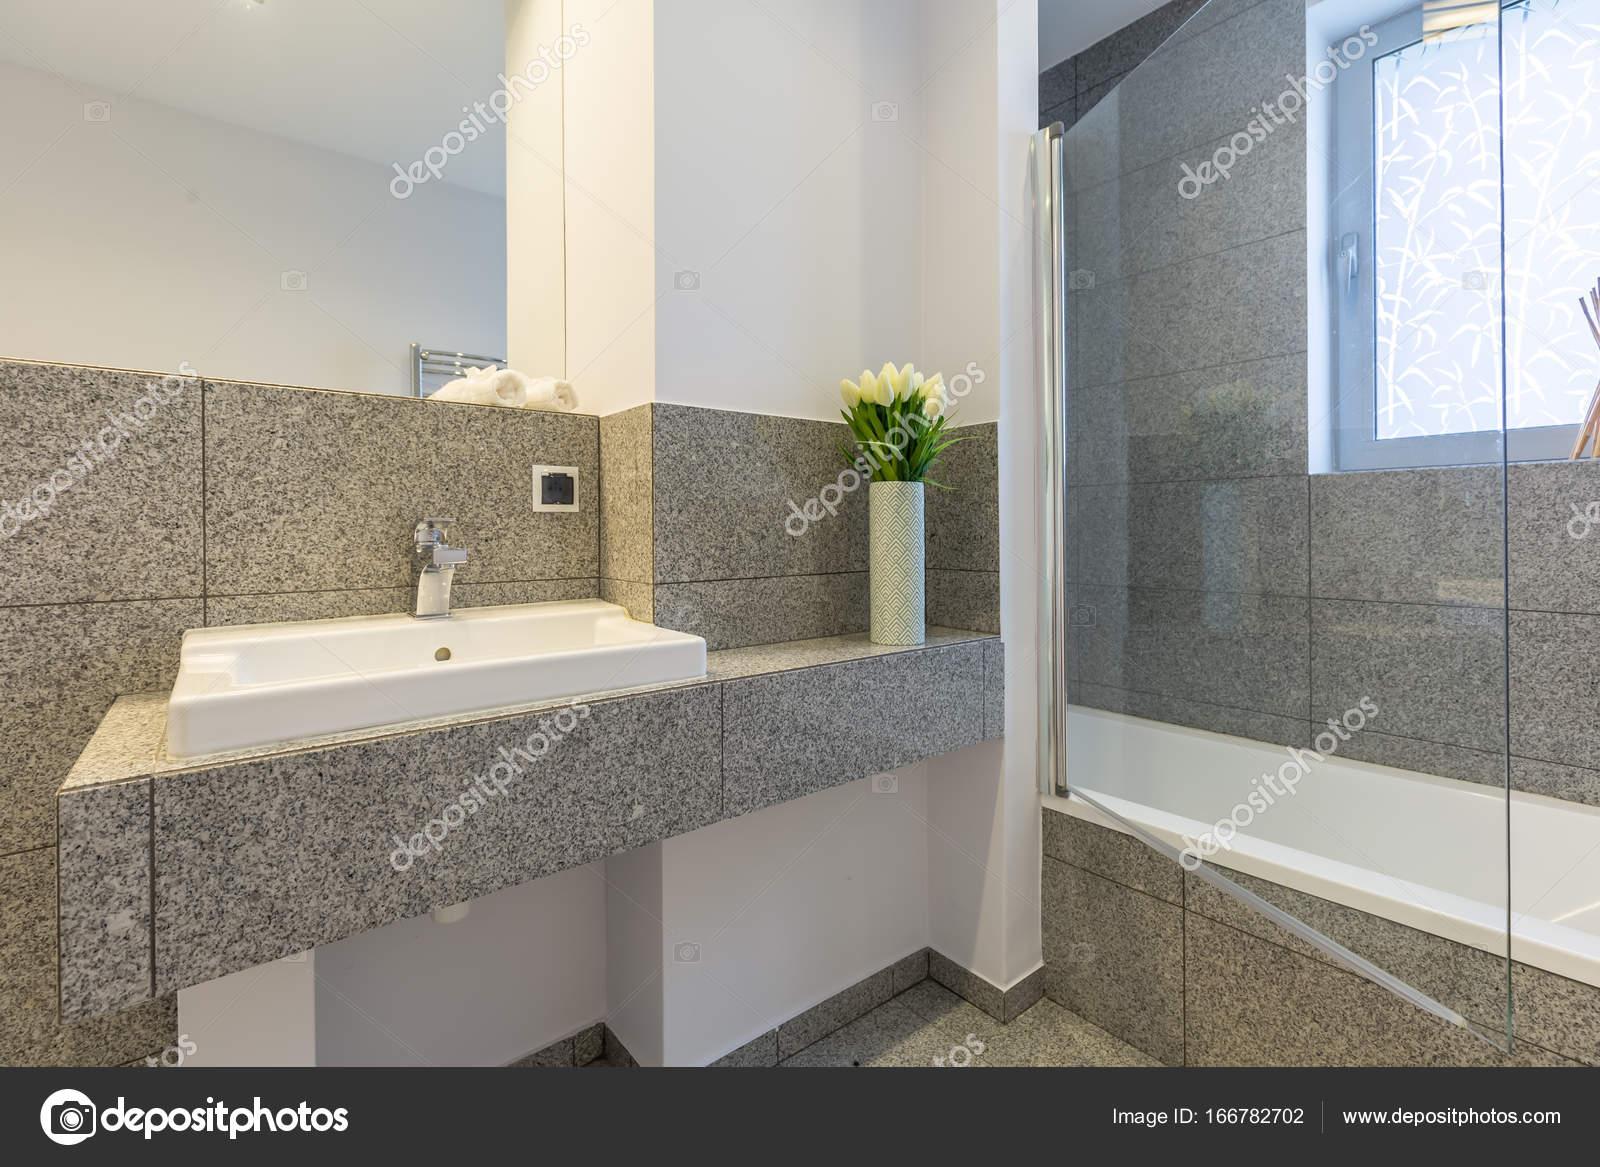 Bagno con piastrelle in marmo u2014 foto stock © photographee.eu #166782702